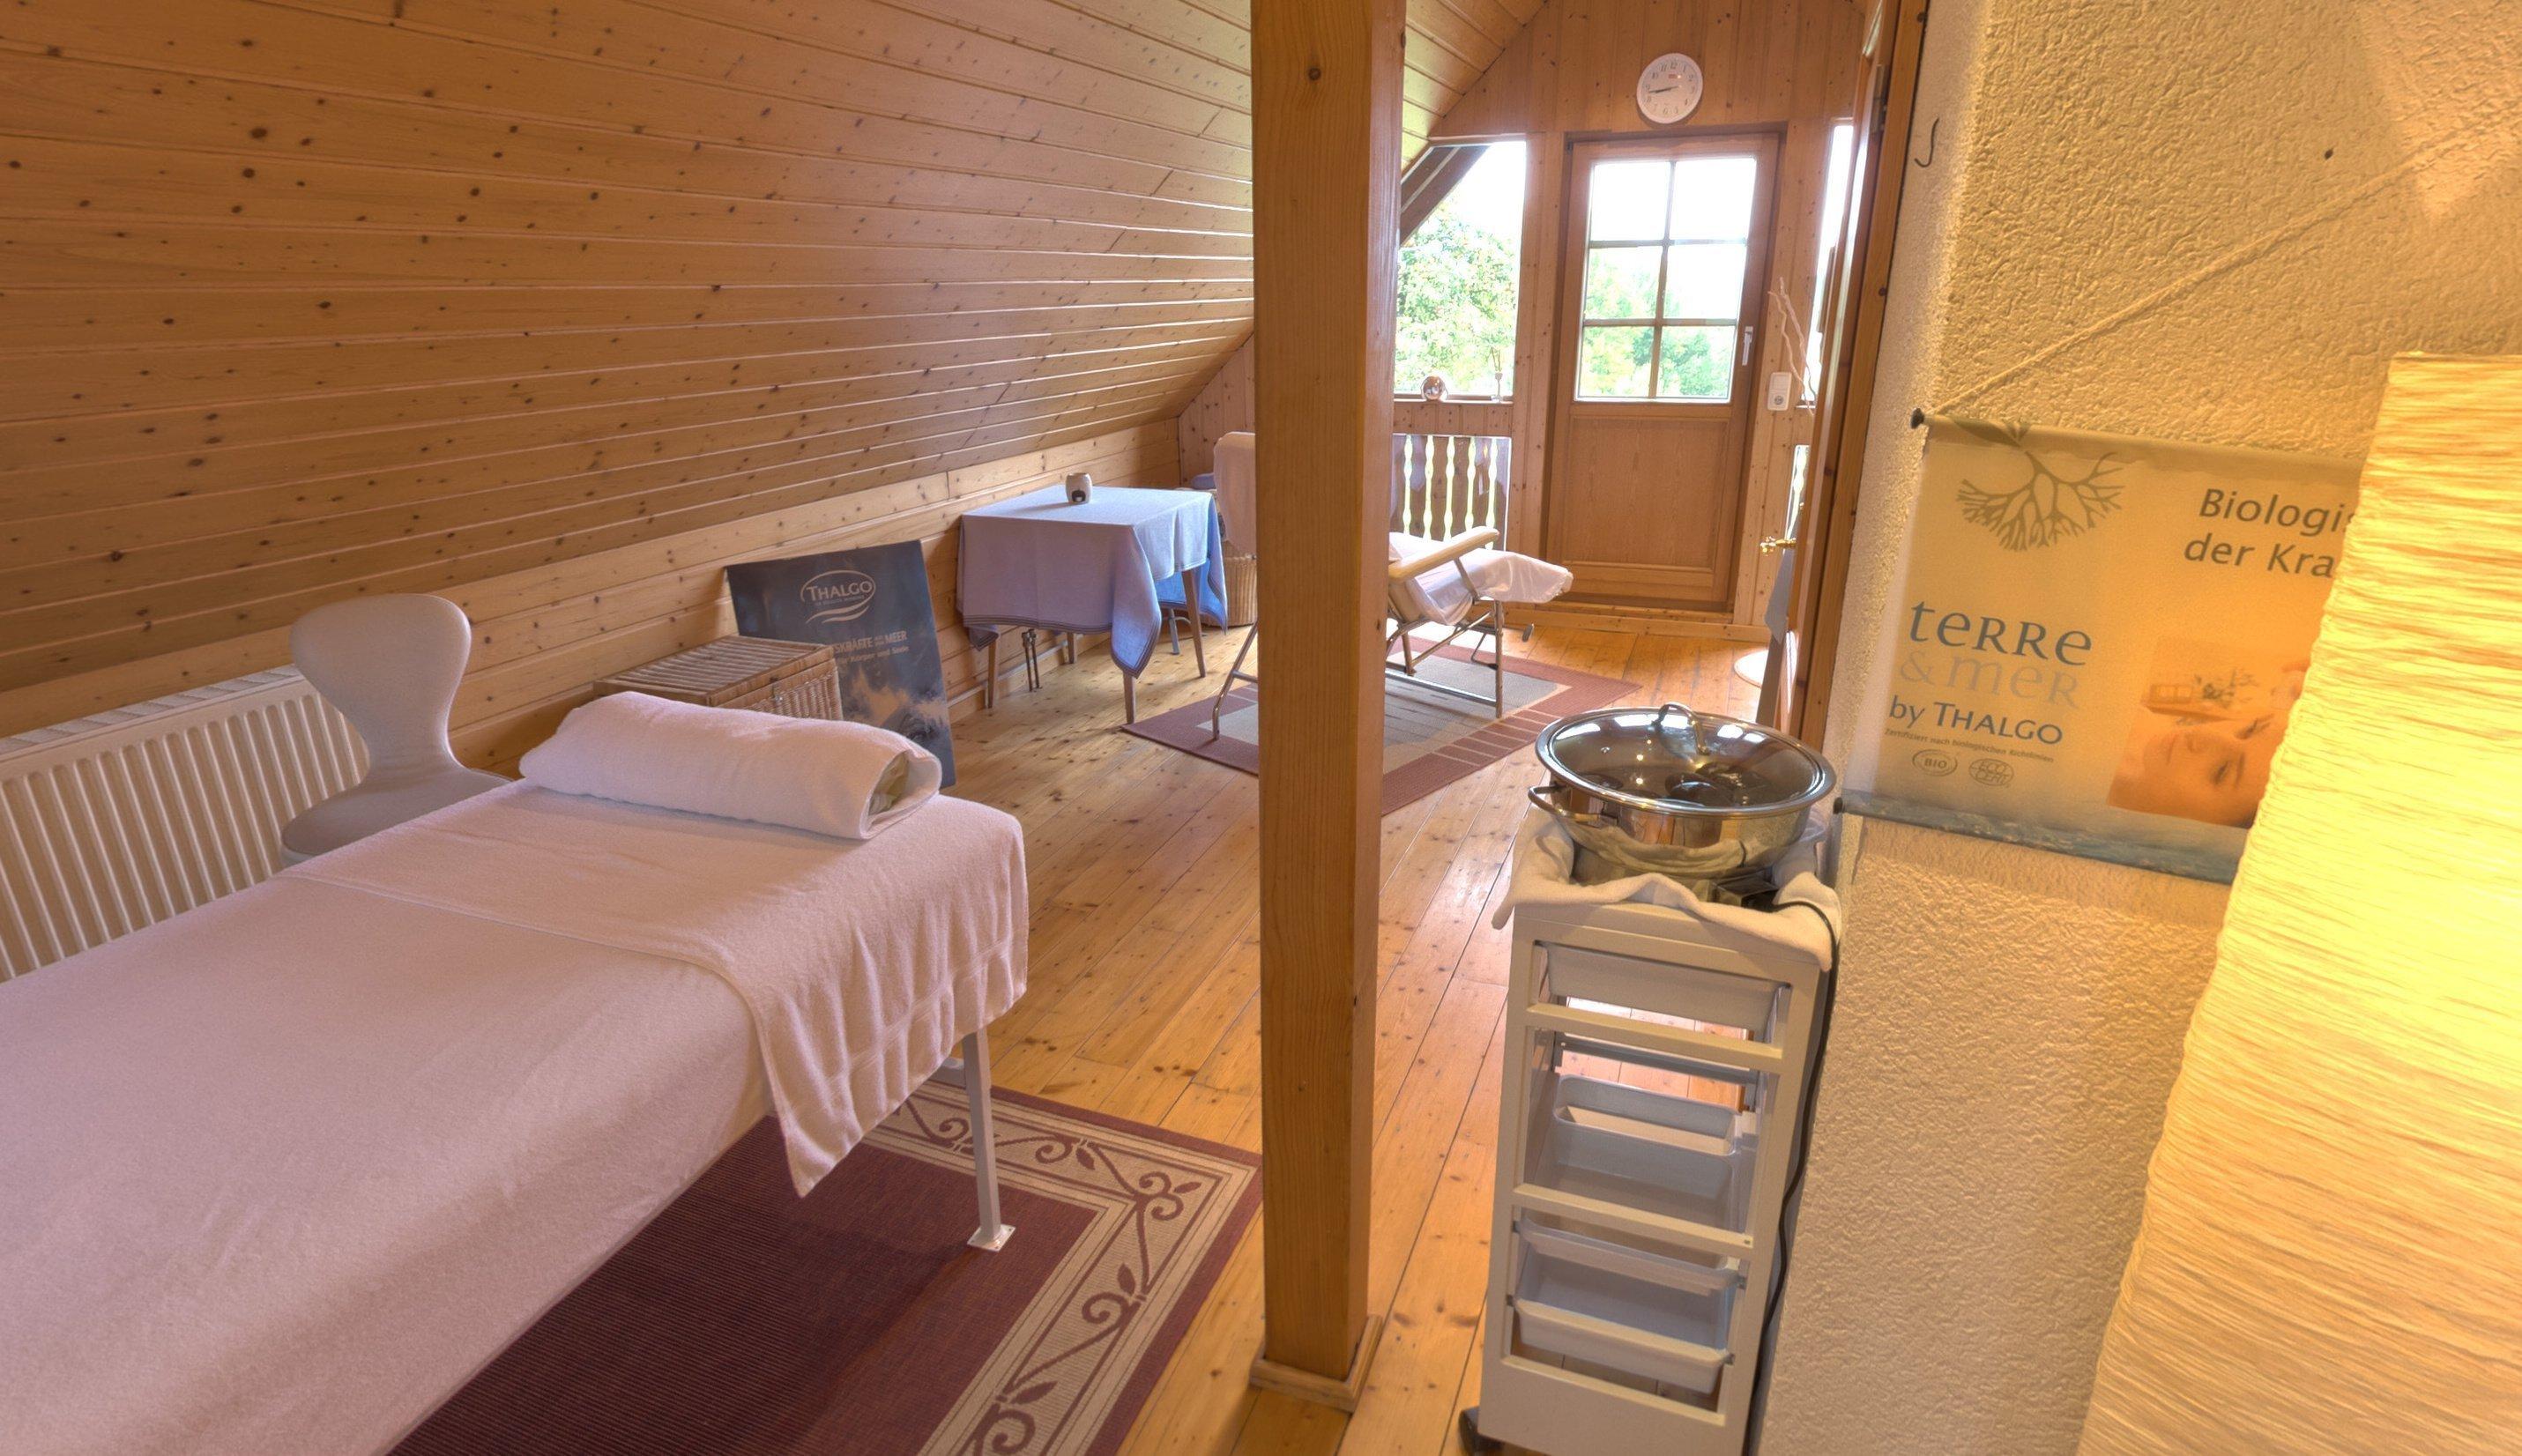 Massage Faszinierend 7 Welten Fulda Bewertung Dekorationen